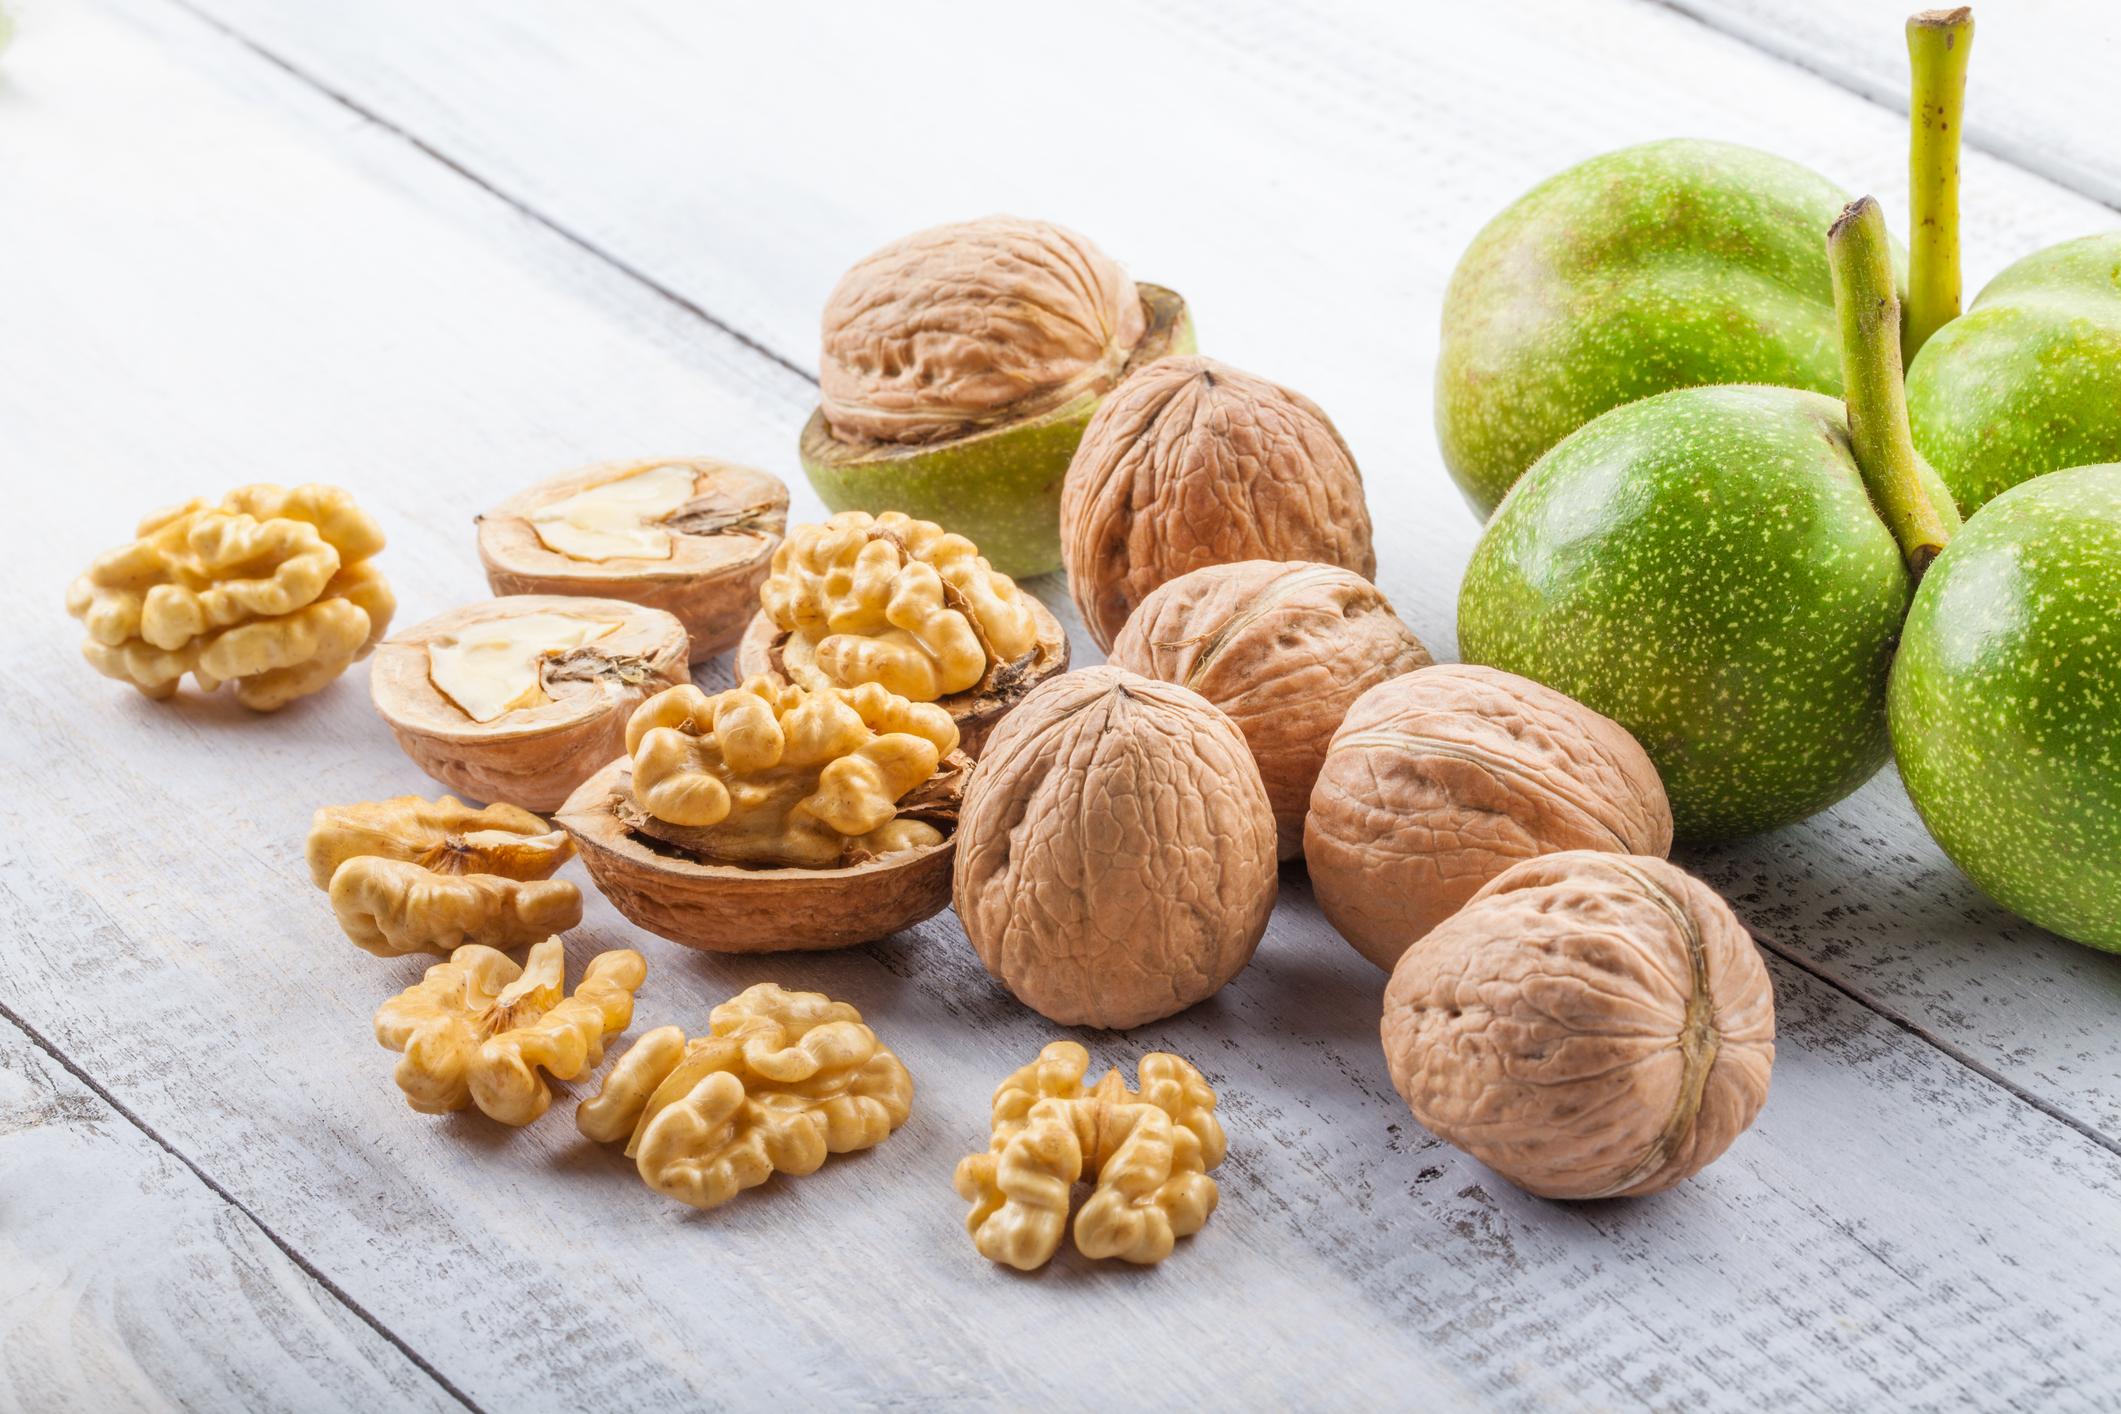 Орехи: едни от най-полезните ядки за организма ни. Богати са на йод, подходящи са за комбиниране с други храни, а мазнините в тях играят положителна роля за диетата. Освен орехи, ореховото масло също се отразява добре на тялото – особено при стрес и високо кръвно налягане.